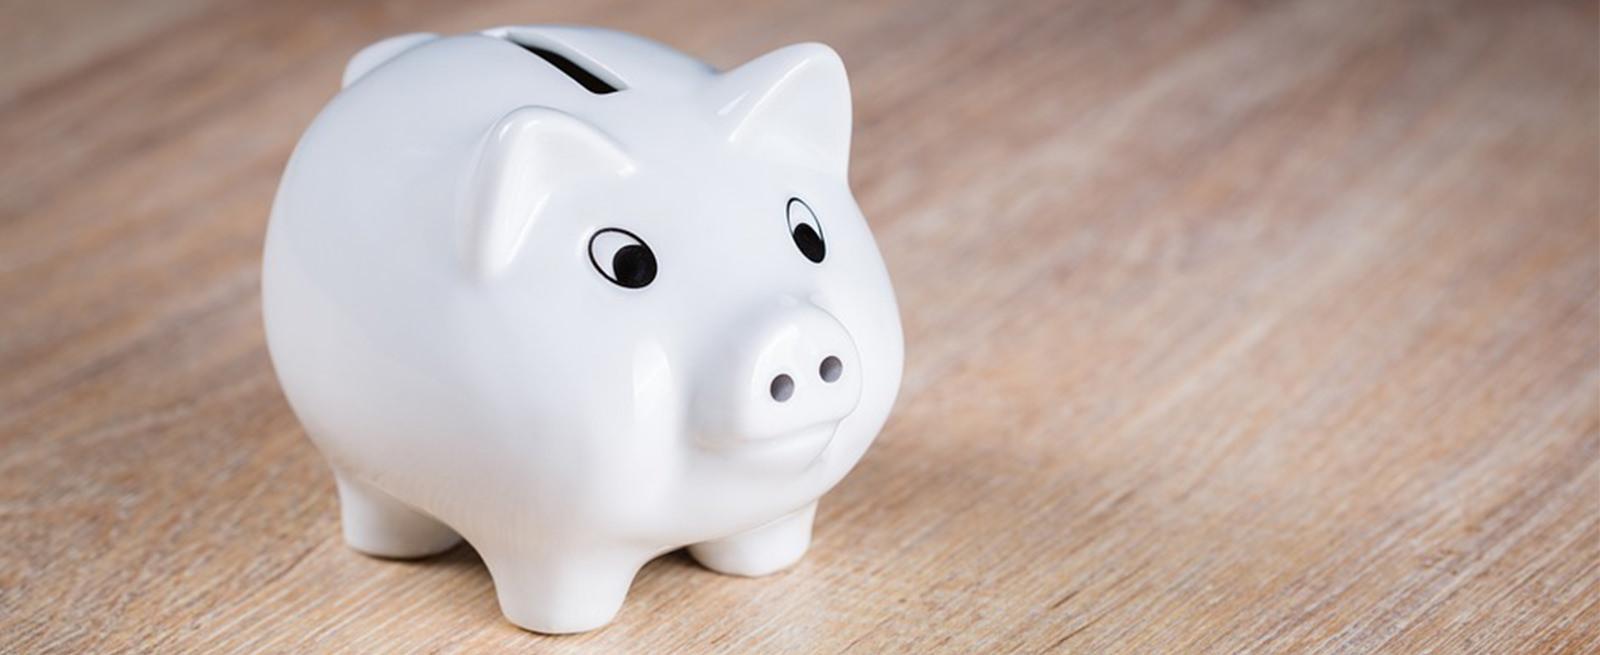 Placer votre argent | Hubsys, Conseillers en Gestion de Patrimoine